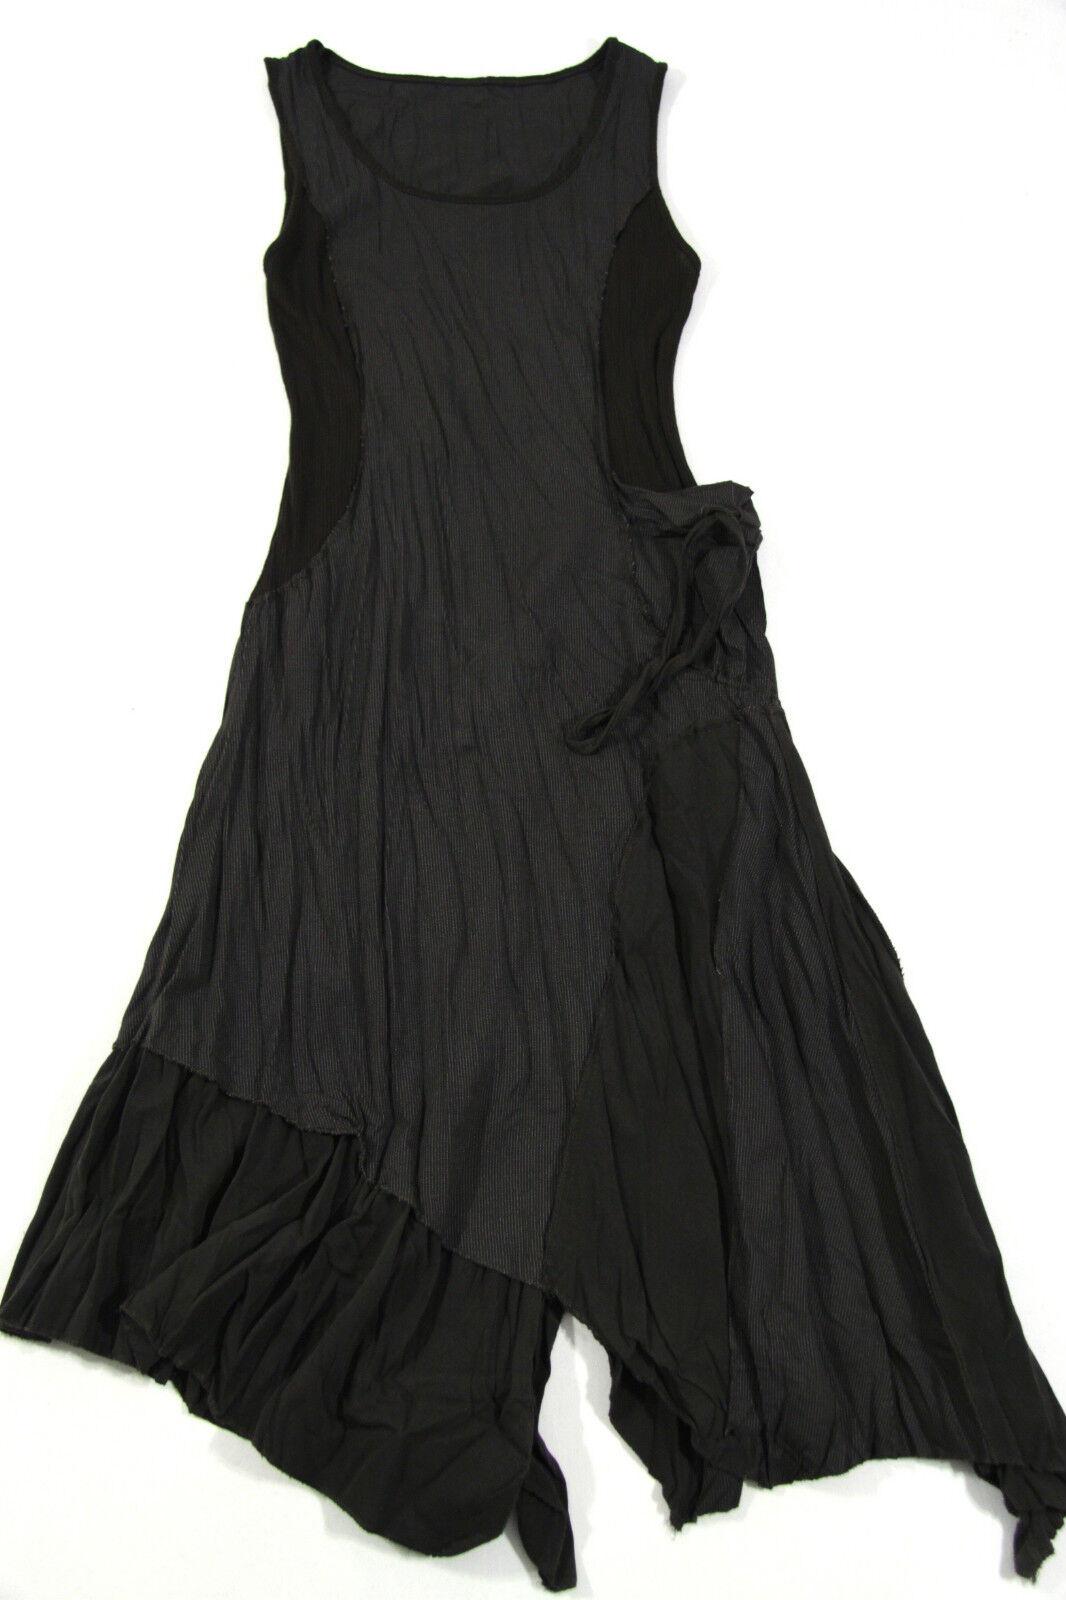 Abendkleid, Kleid Jugendweihe, Konfirmation, Ballonkleid Mit Überwurf Gr.S  S21